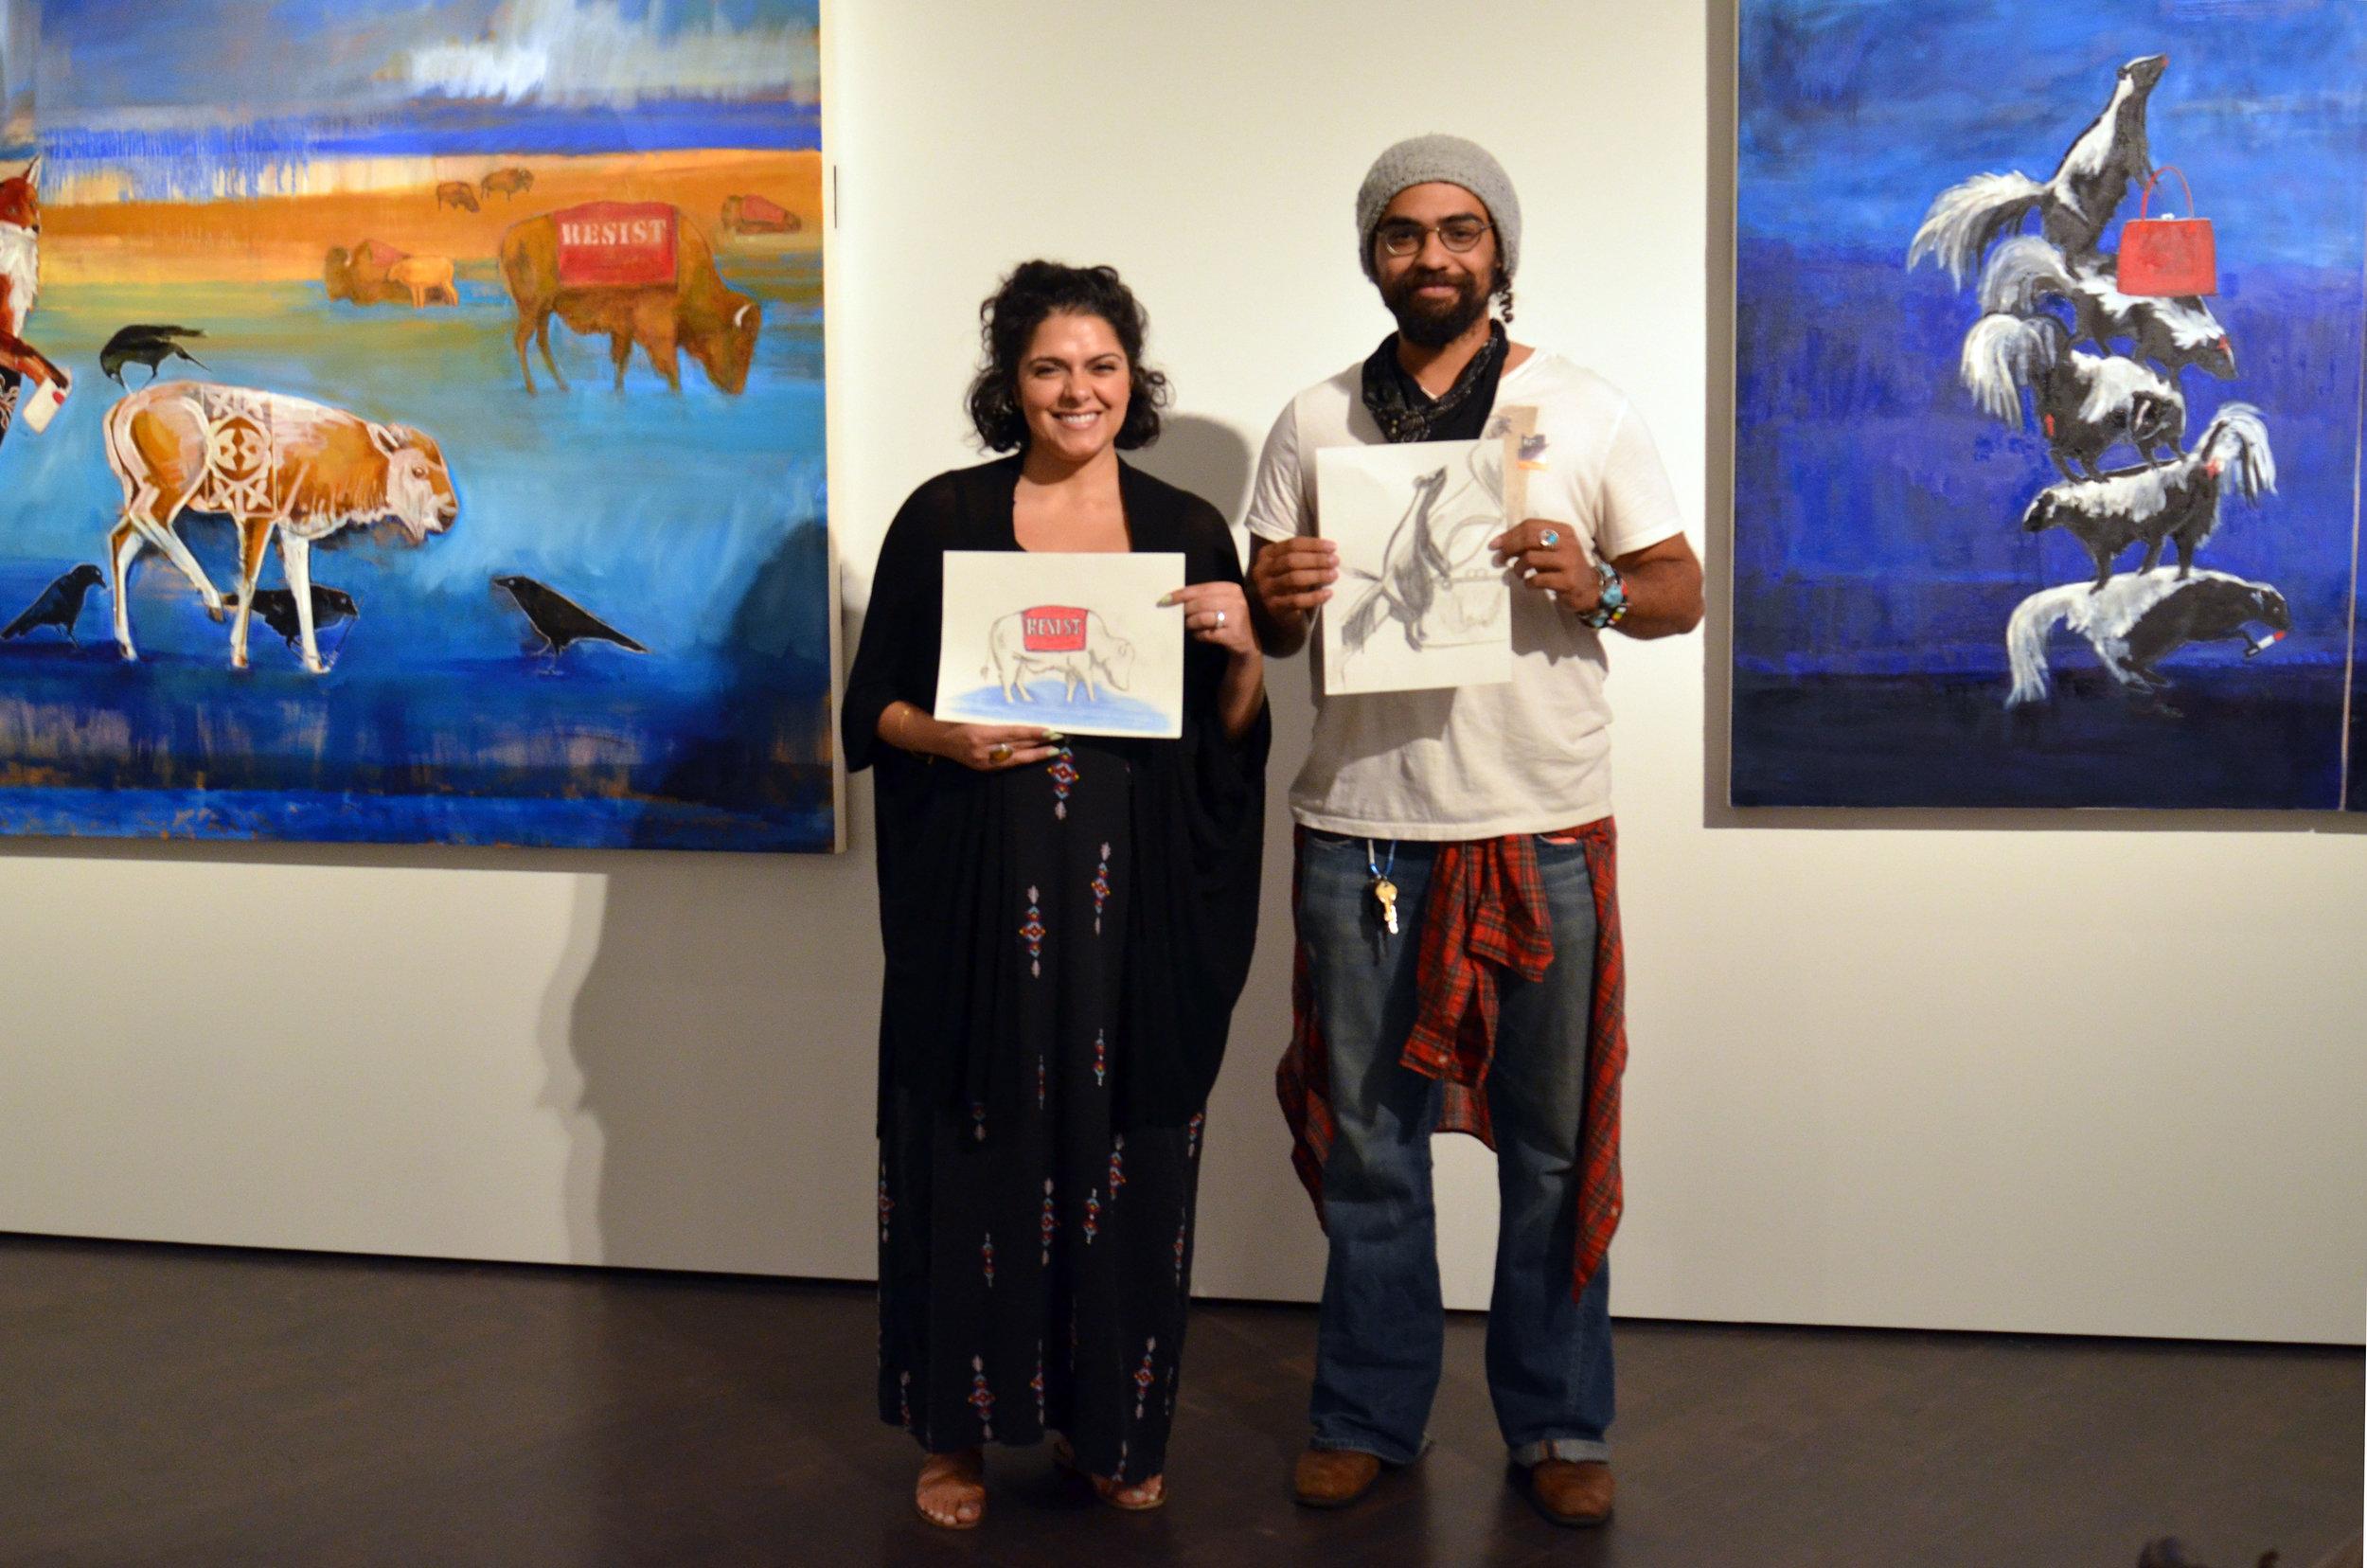 Mona Ghosheh and John Garland